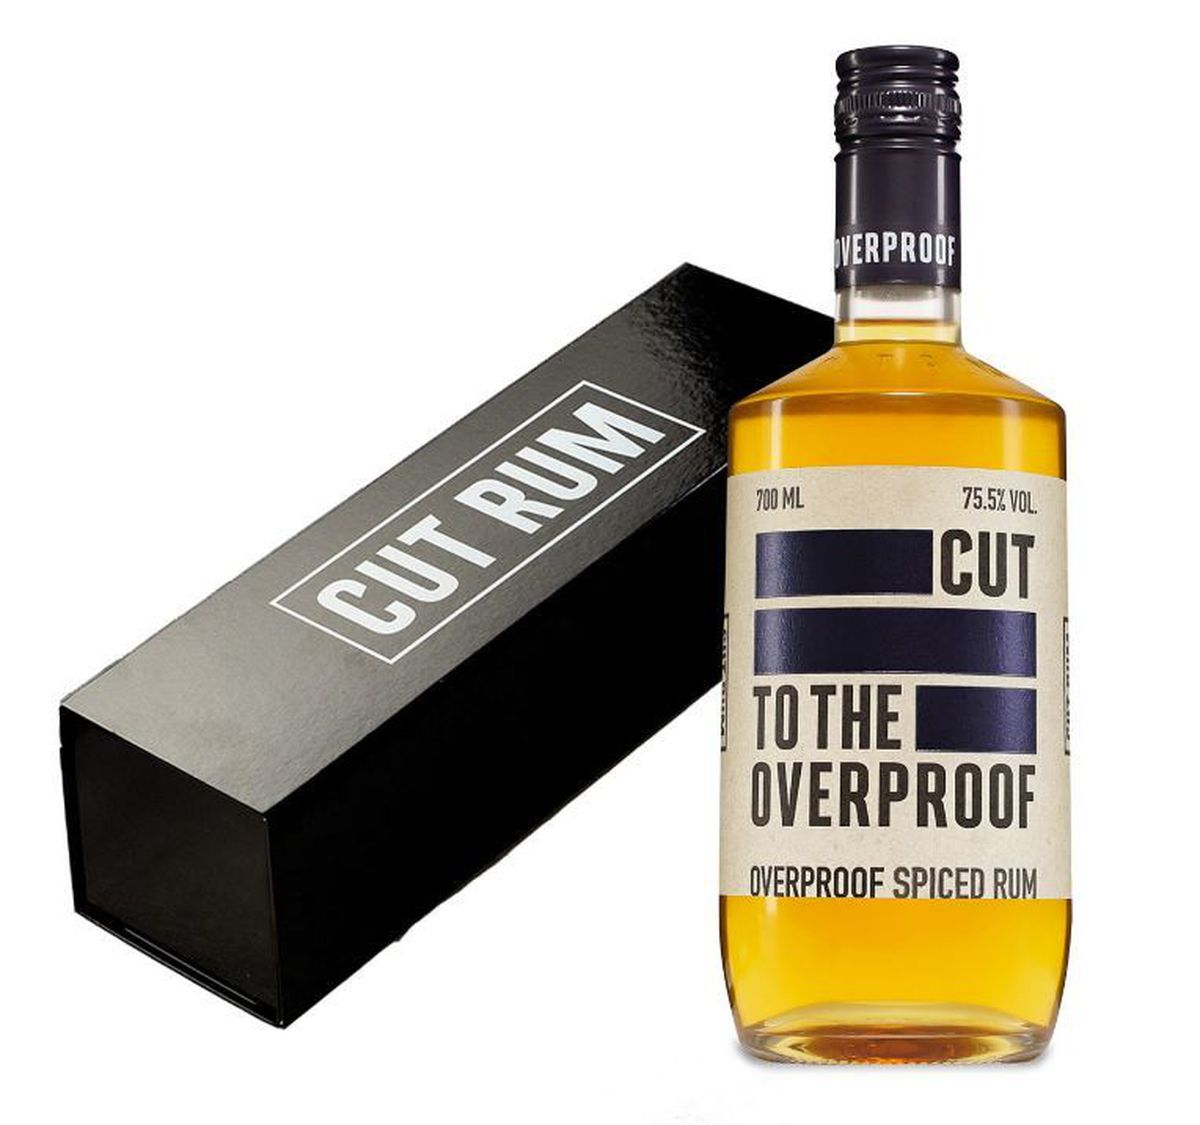 Cut Overproof Rum